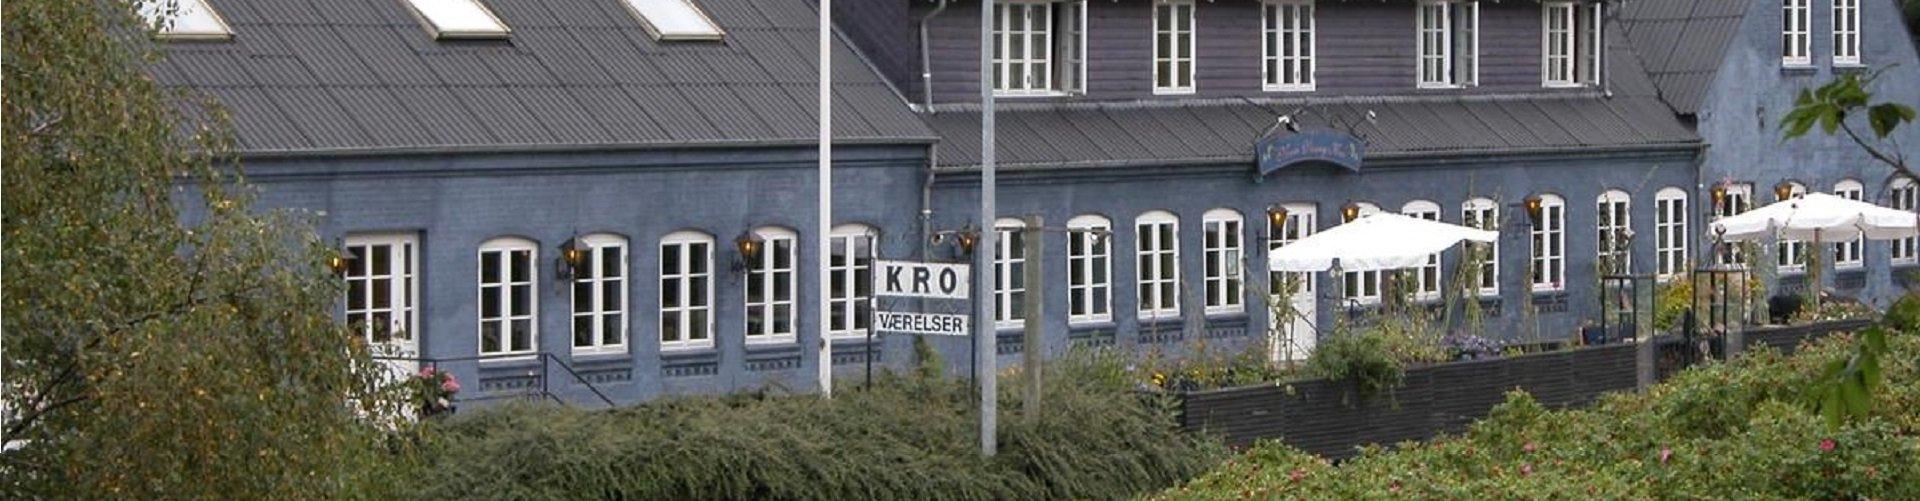 Banner foto Hotel Norre Vissing Kro